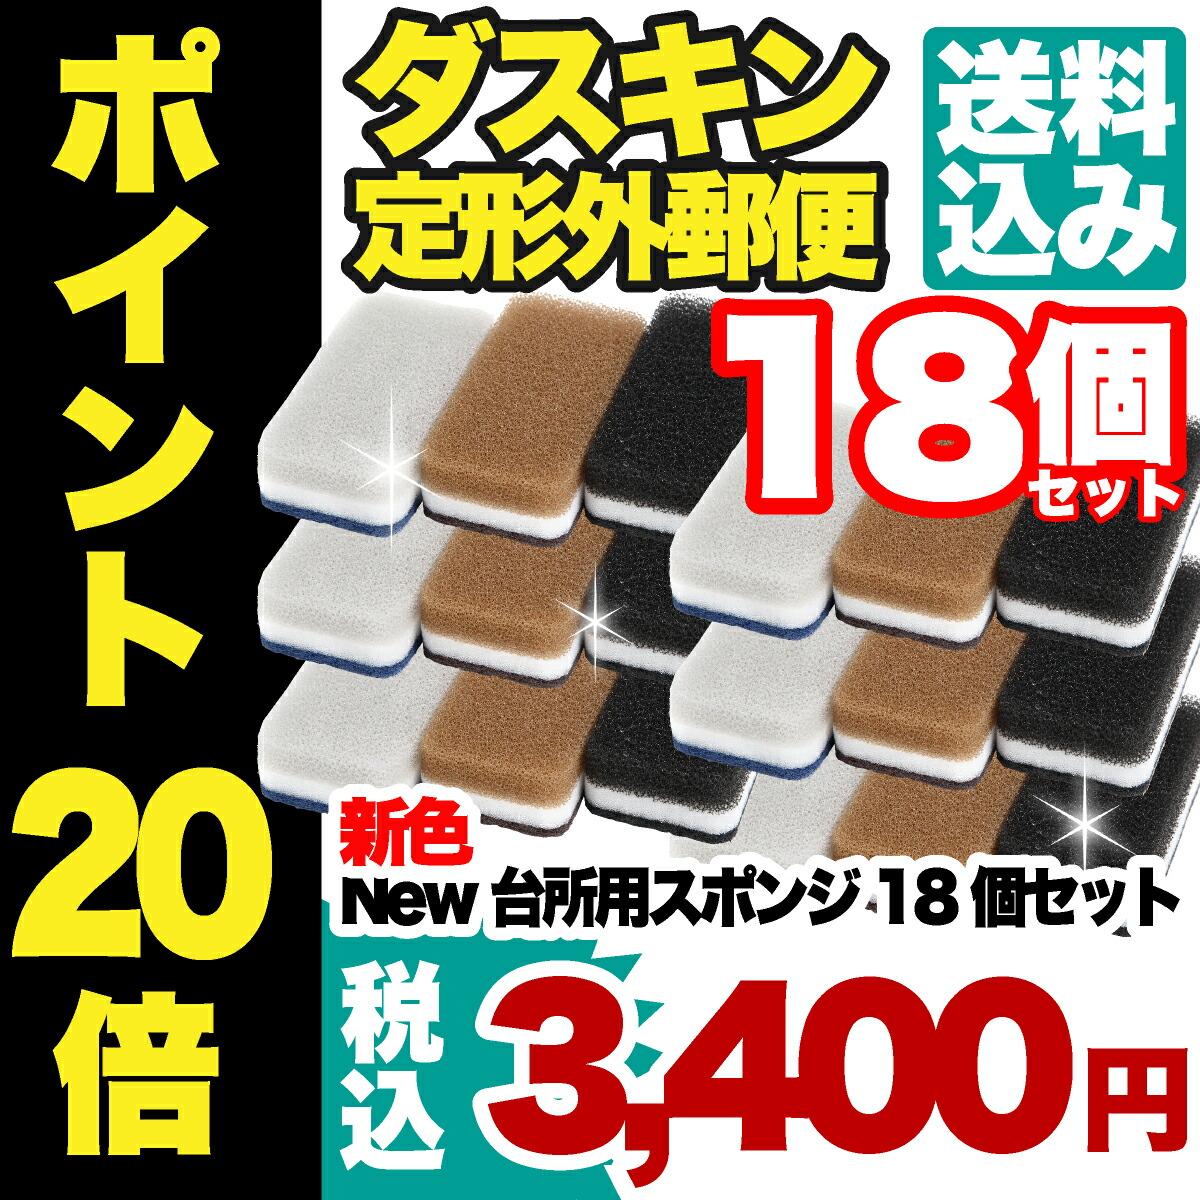 新色モノトーンダスキン台所用3色スポンジ18個セット